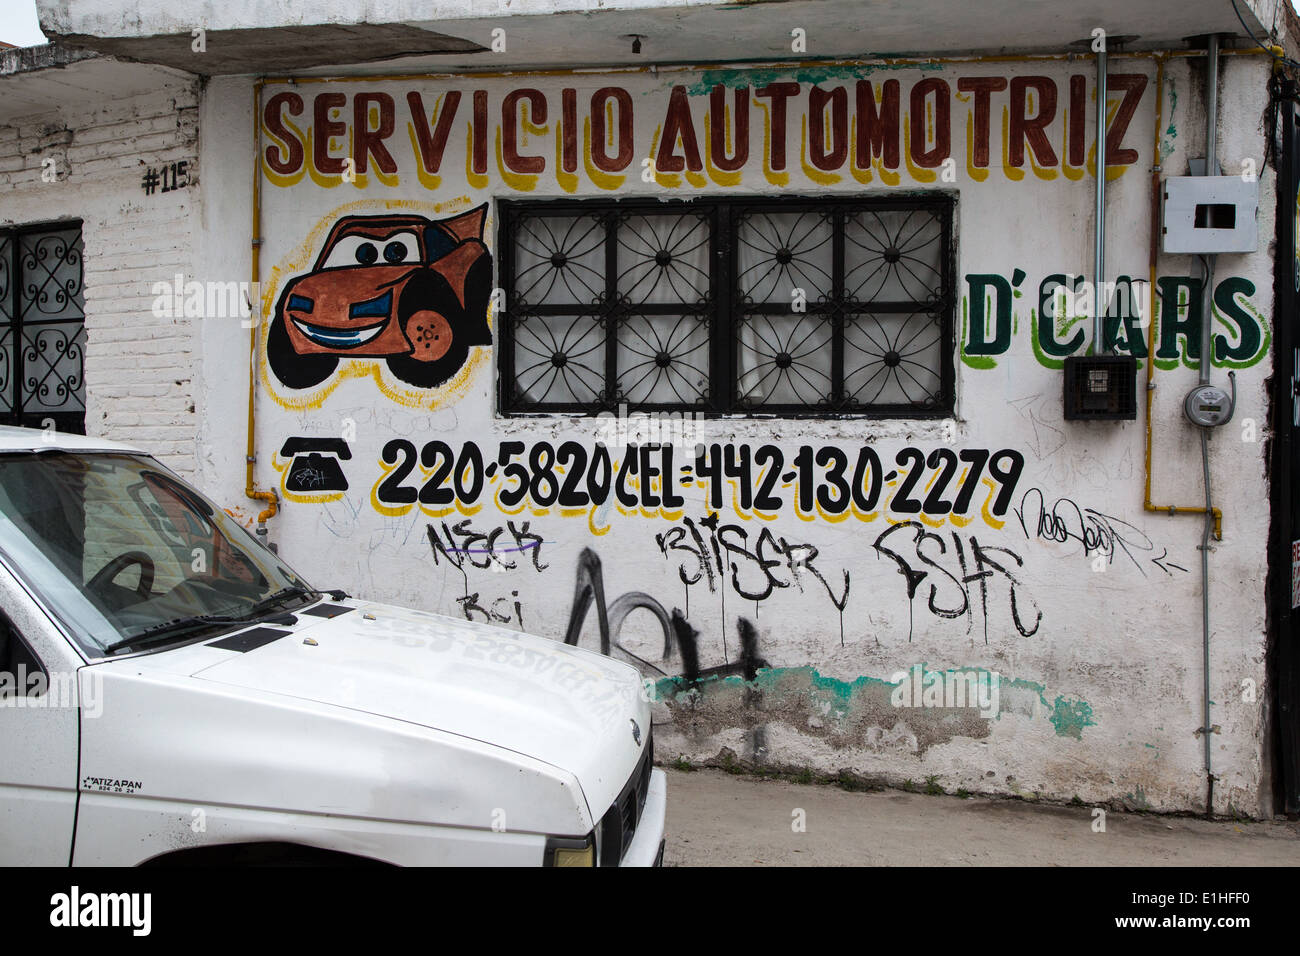 Auto Shop Kfz Mechaniker-Service Autowerkstatt unterzeichnen ...